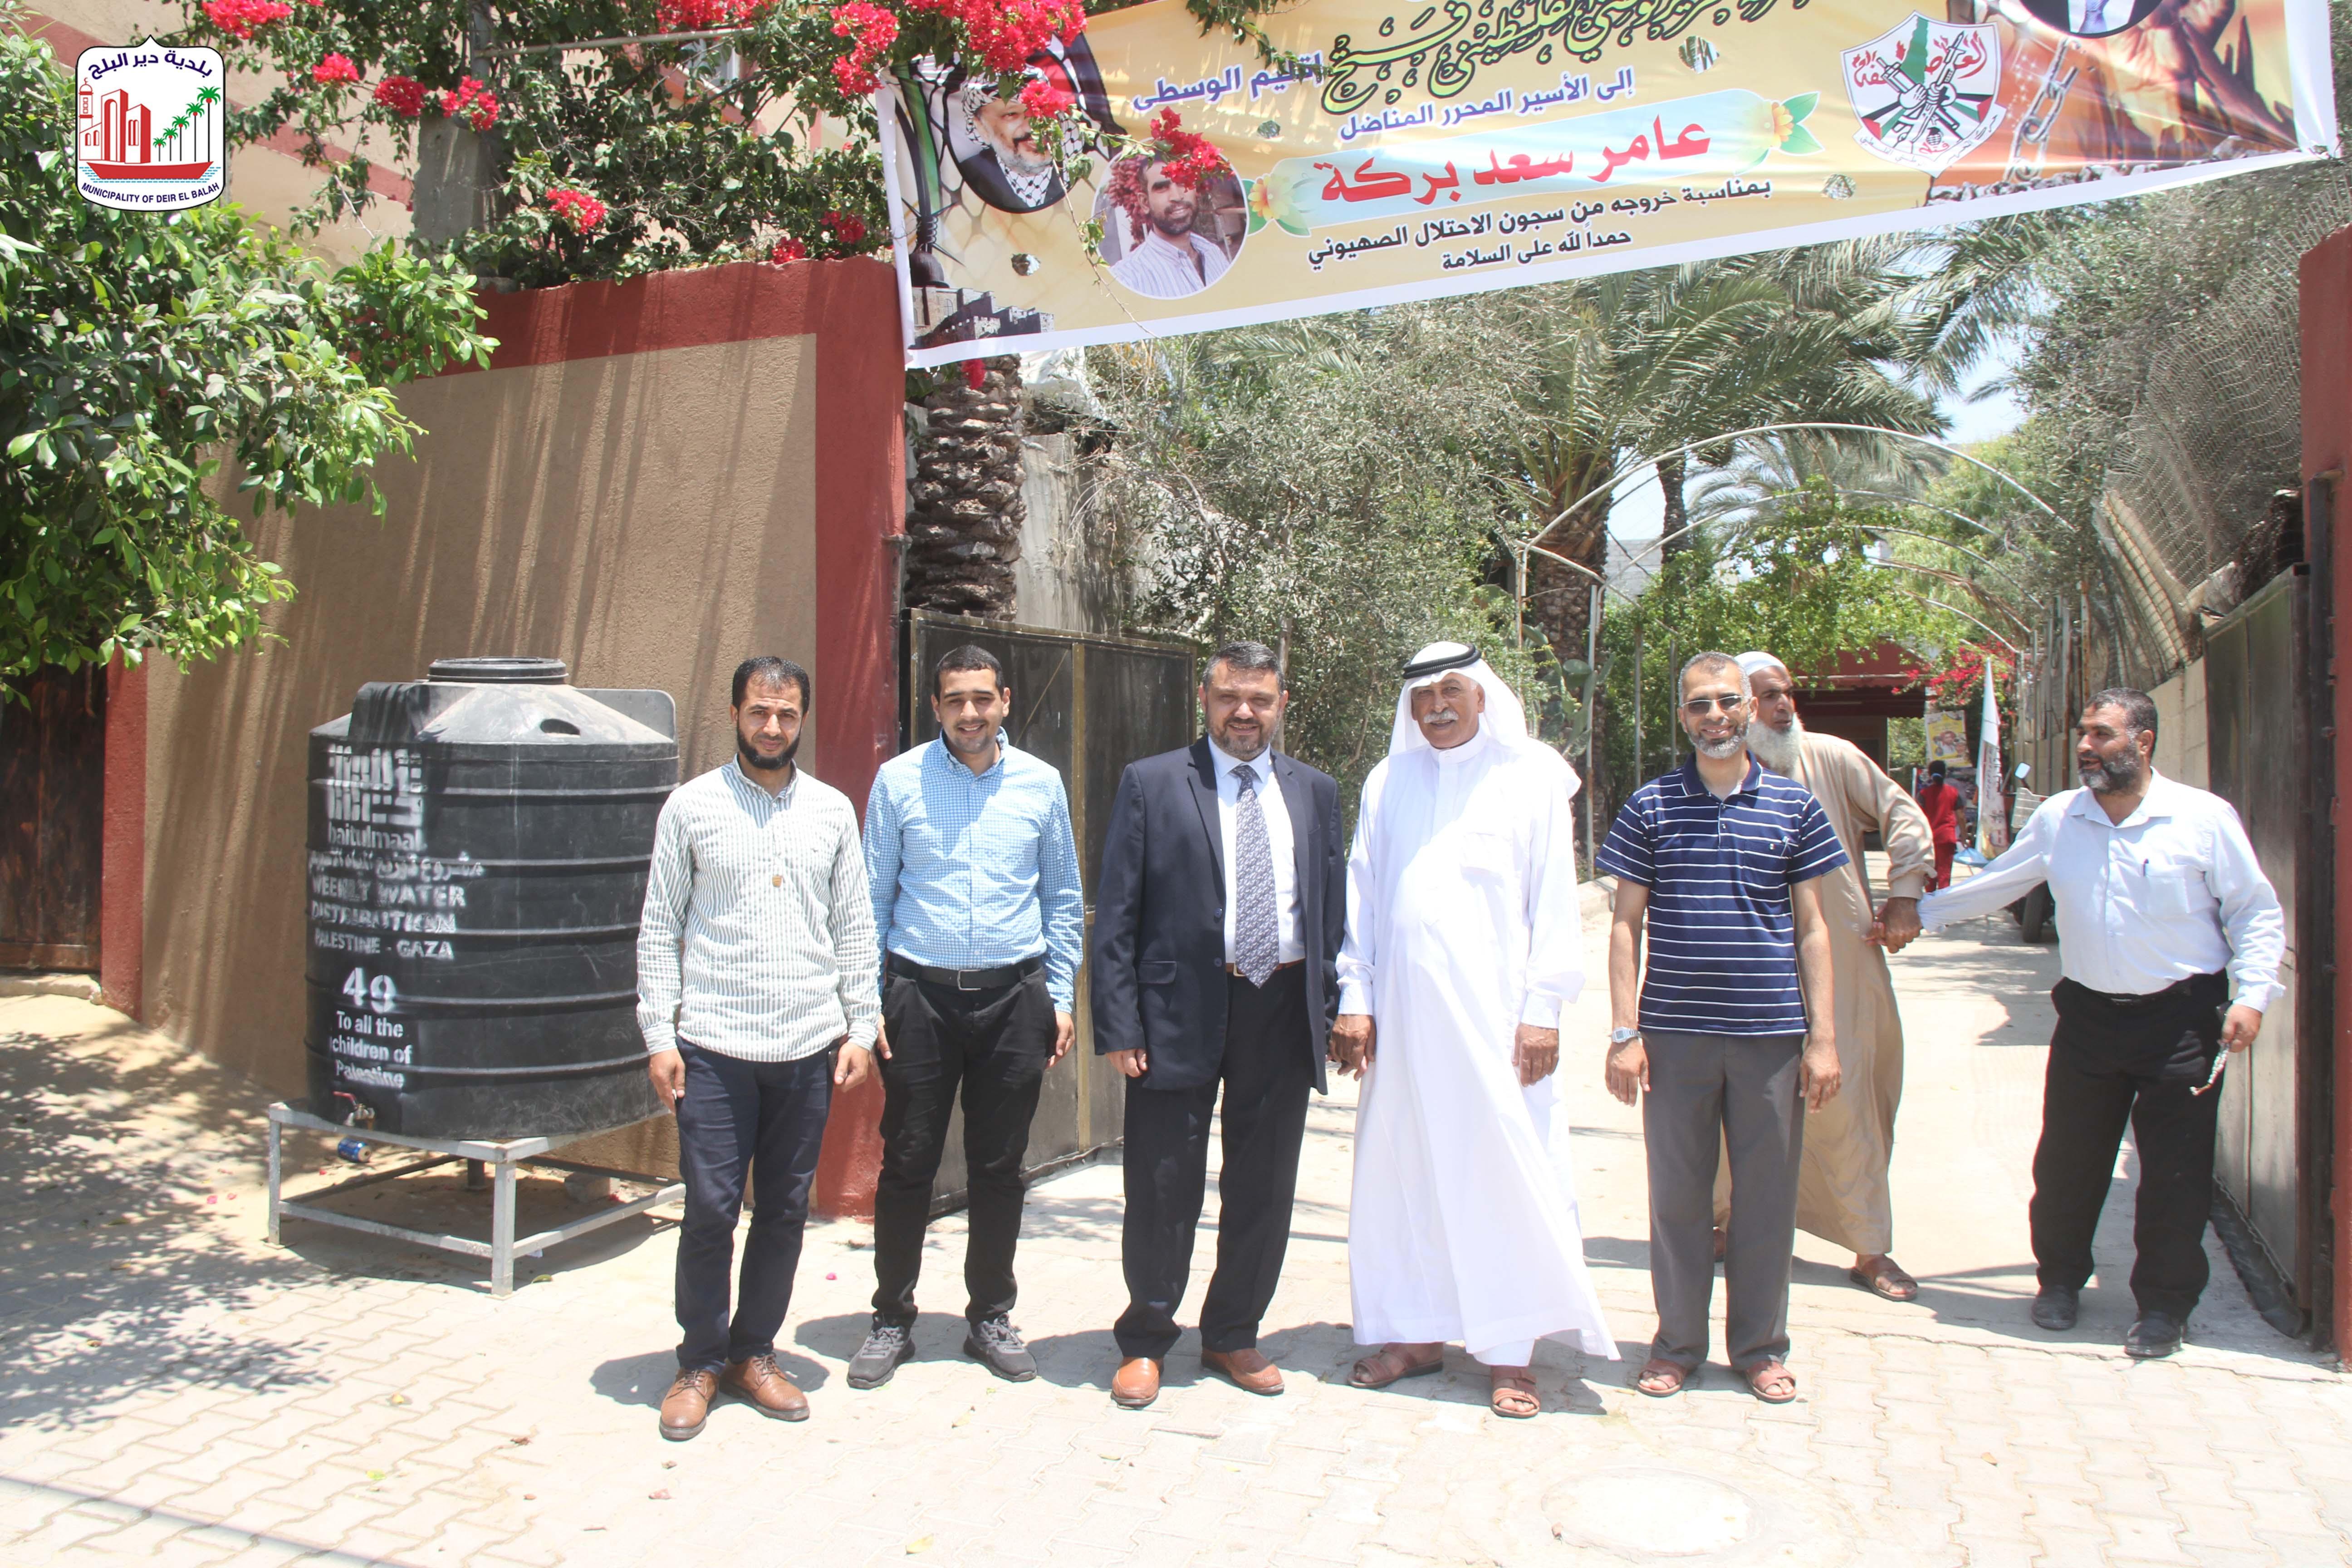 رئيس بلدية دير البلح يهنأ الاسير عامر سعد بركة بالإفراج عنه من سجون العدو